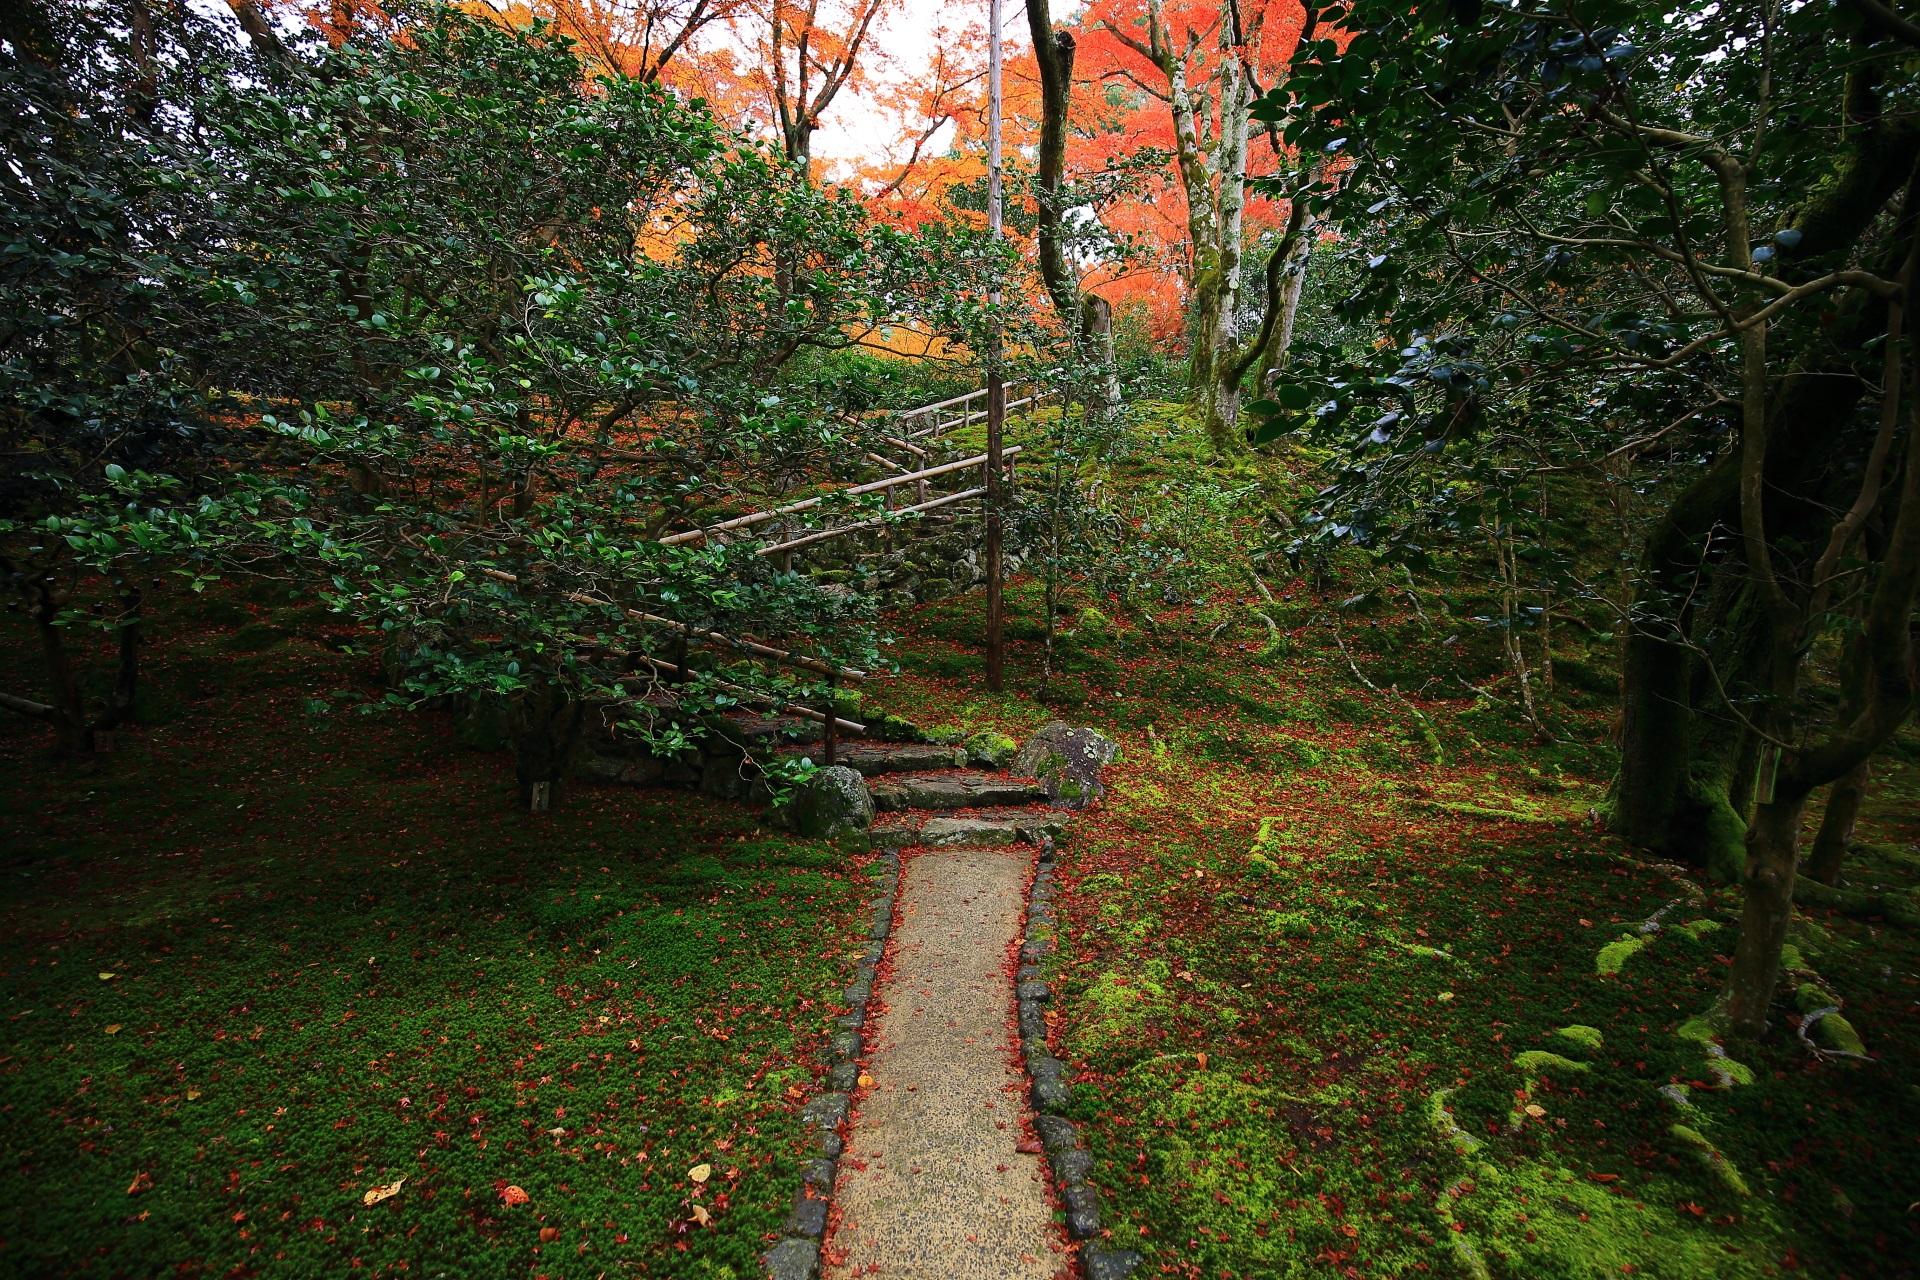 霊鑑寺の晩秋につつまれる築山の庭園